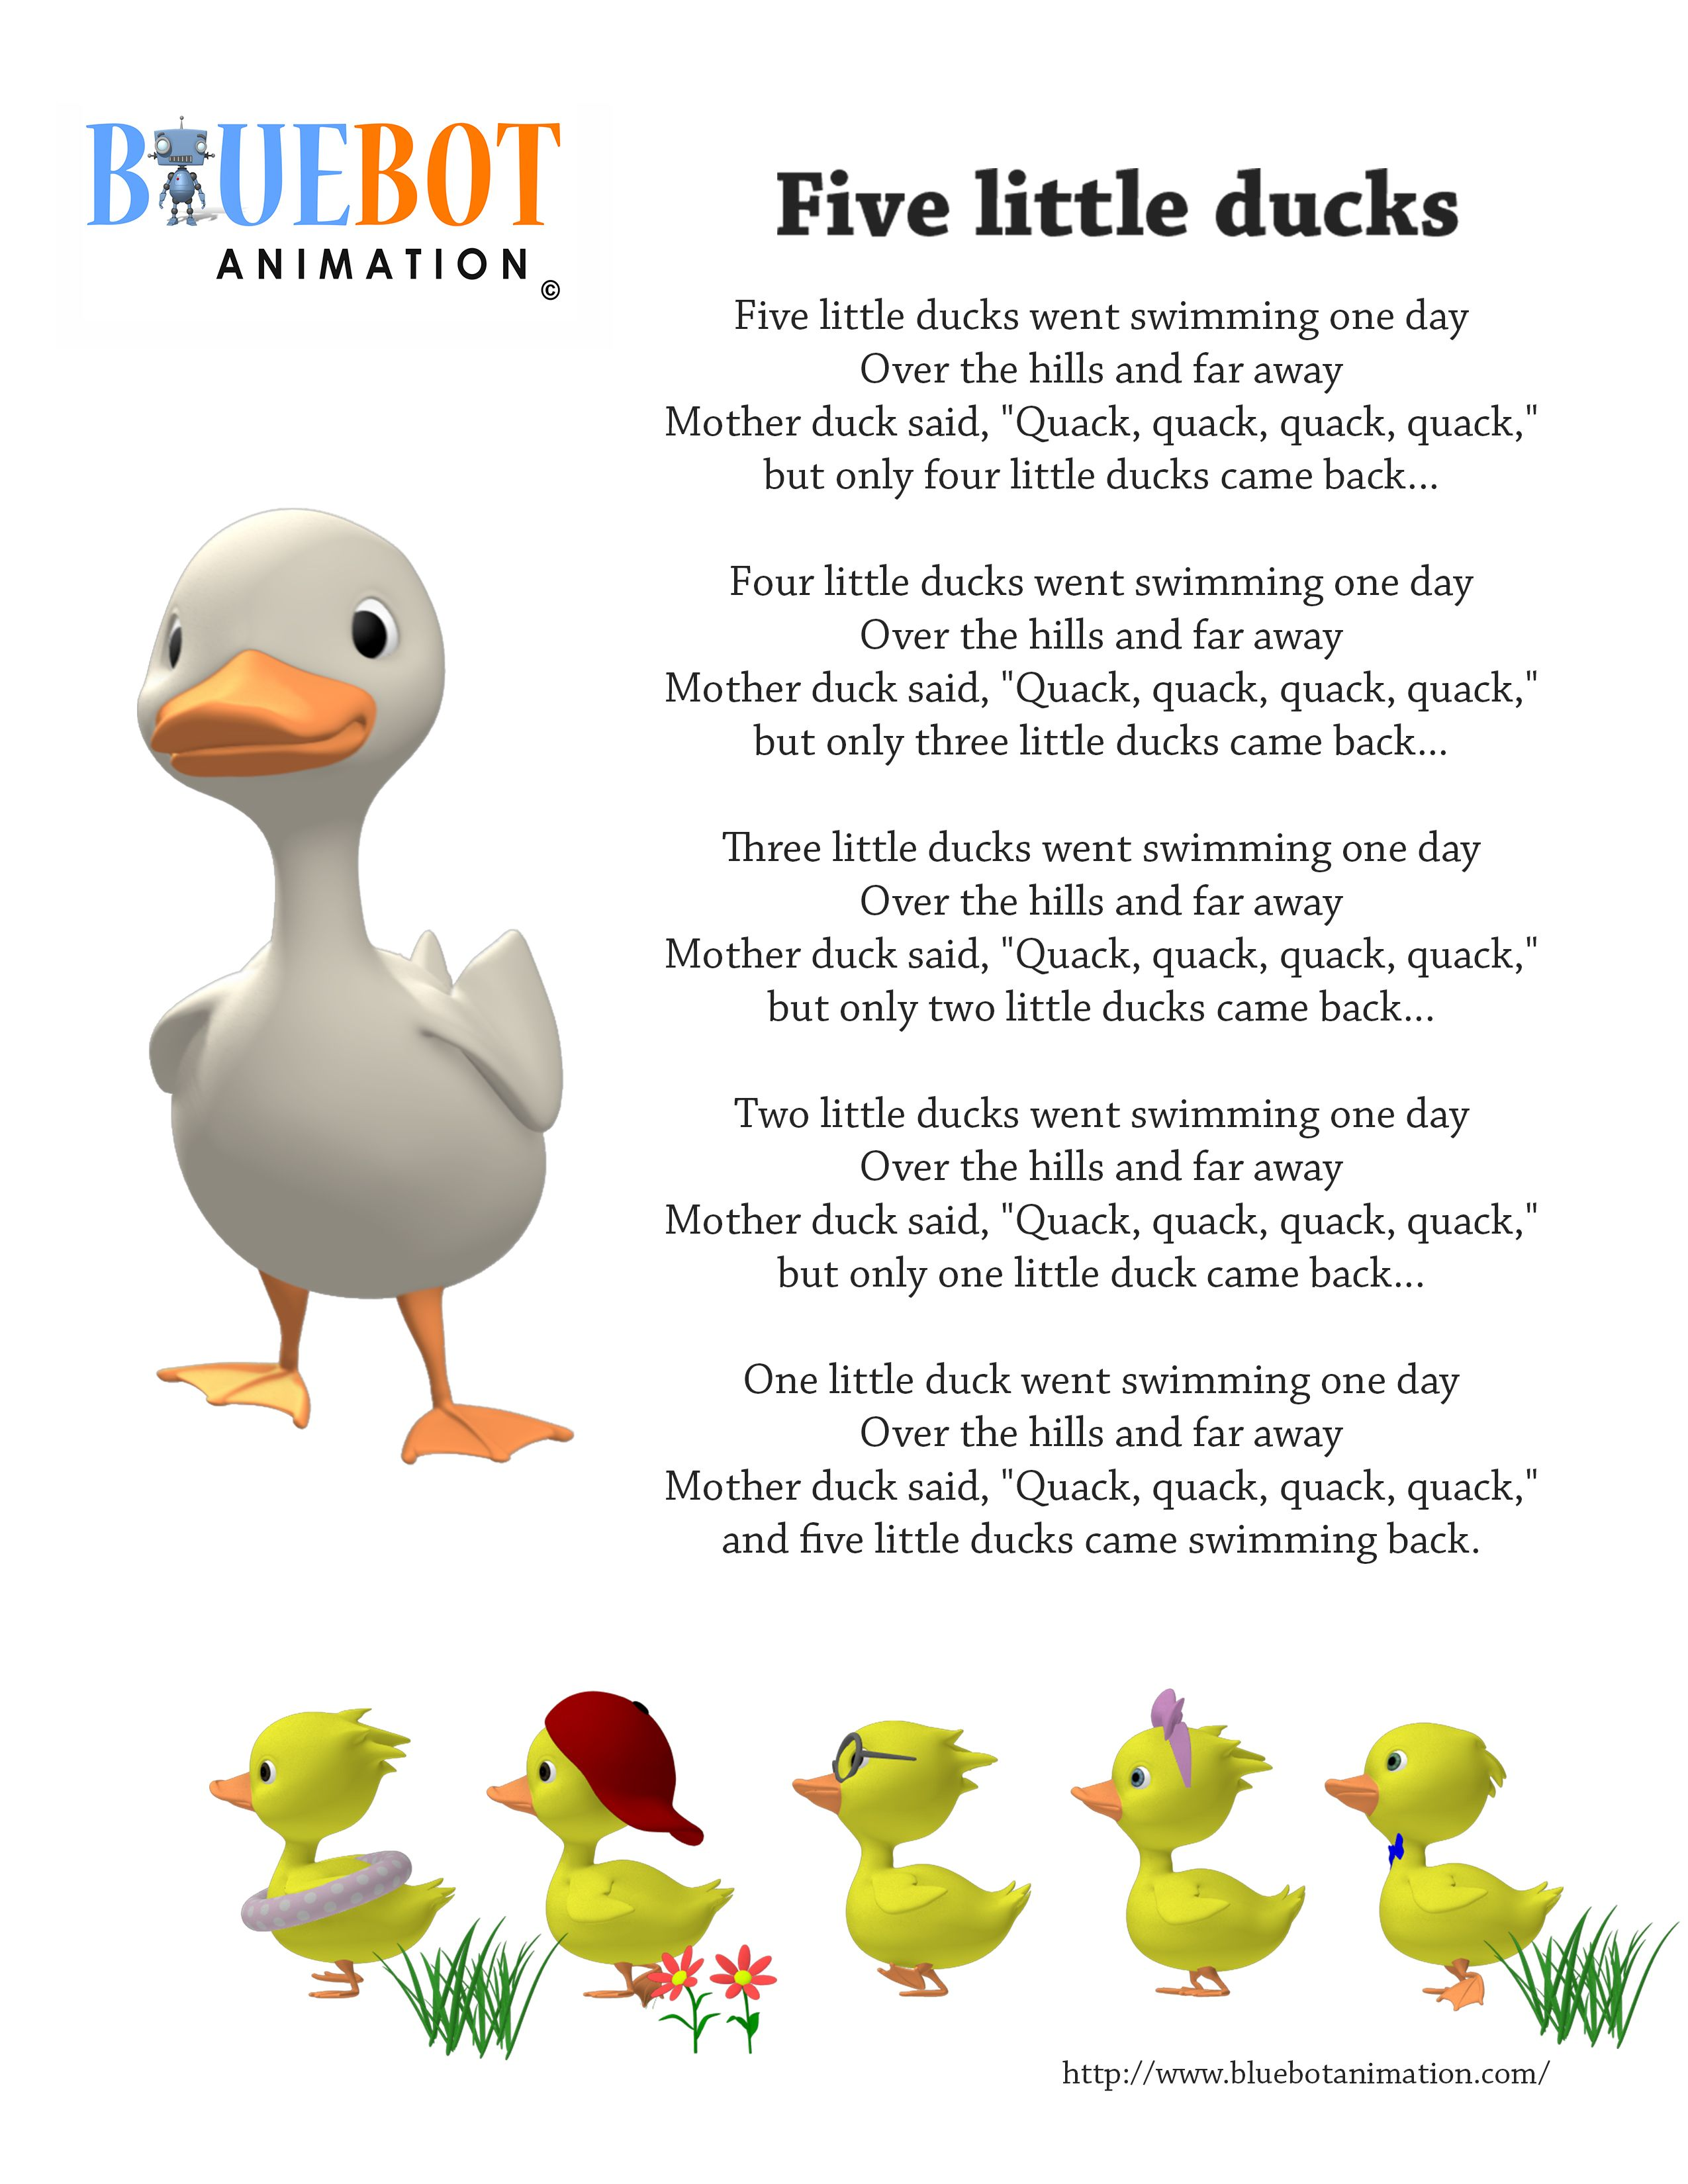 Five Little Ducks 5 Nursery Rhyme Lyrics Free Printable Page